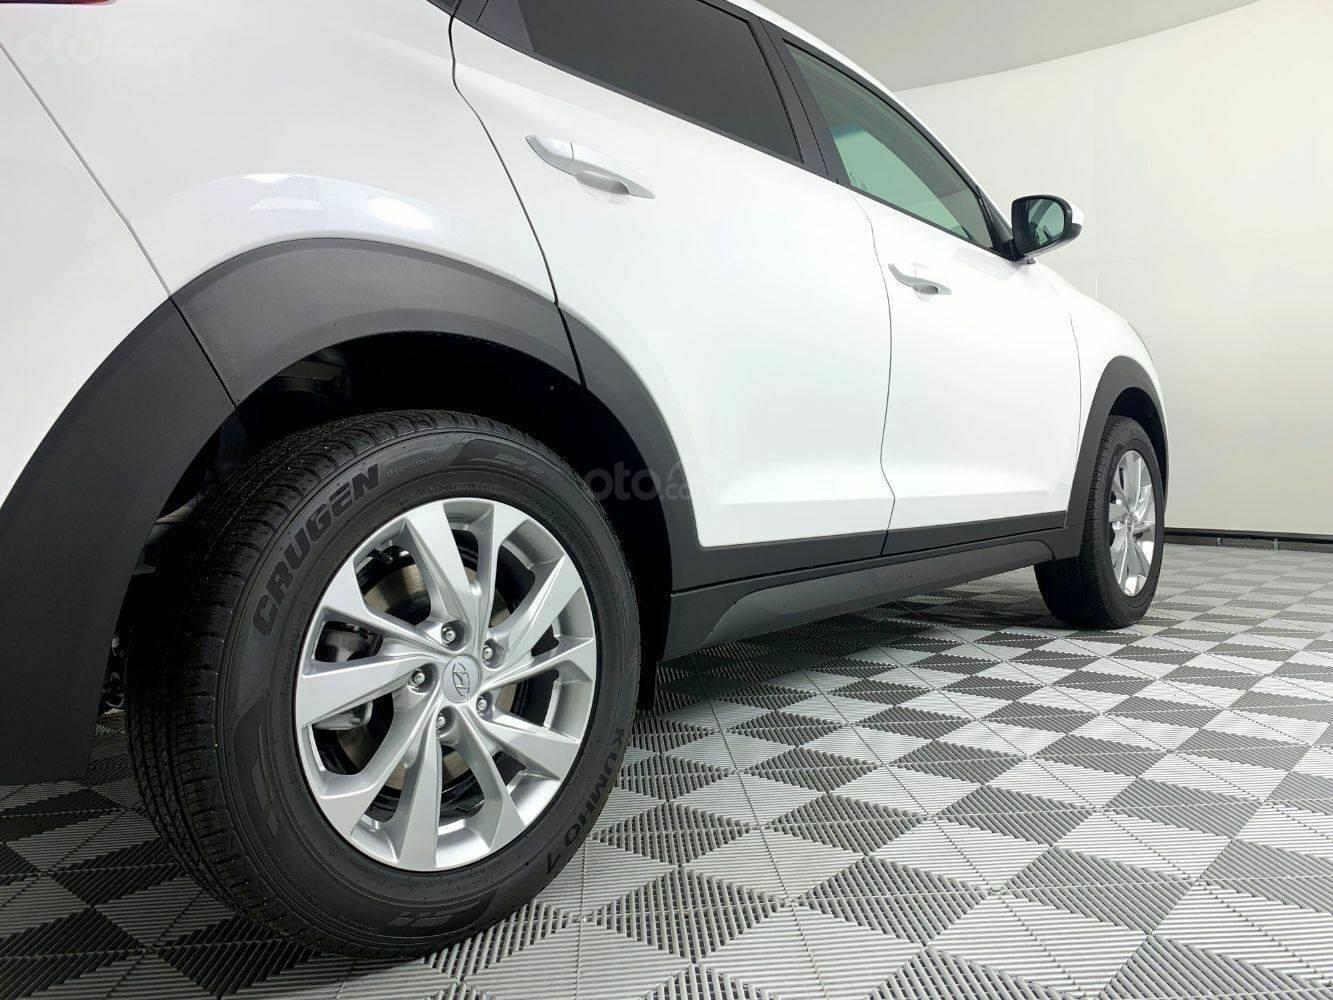 [TPHCM] Hyundai Tucson sẵn kho, đủ màu, hỗ trợ vay lên đến 85%+ chương trình khuyến mãi hấp dẫn (3)